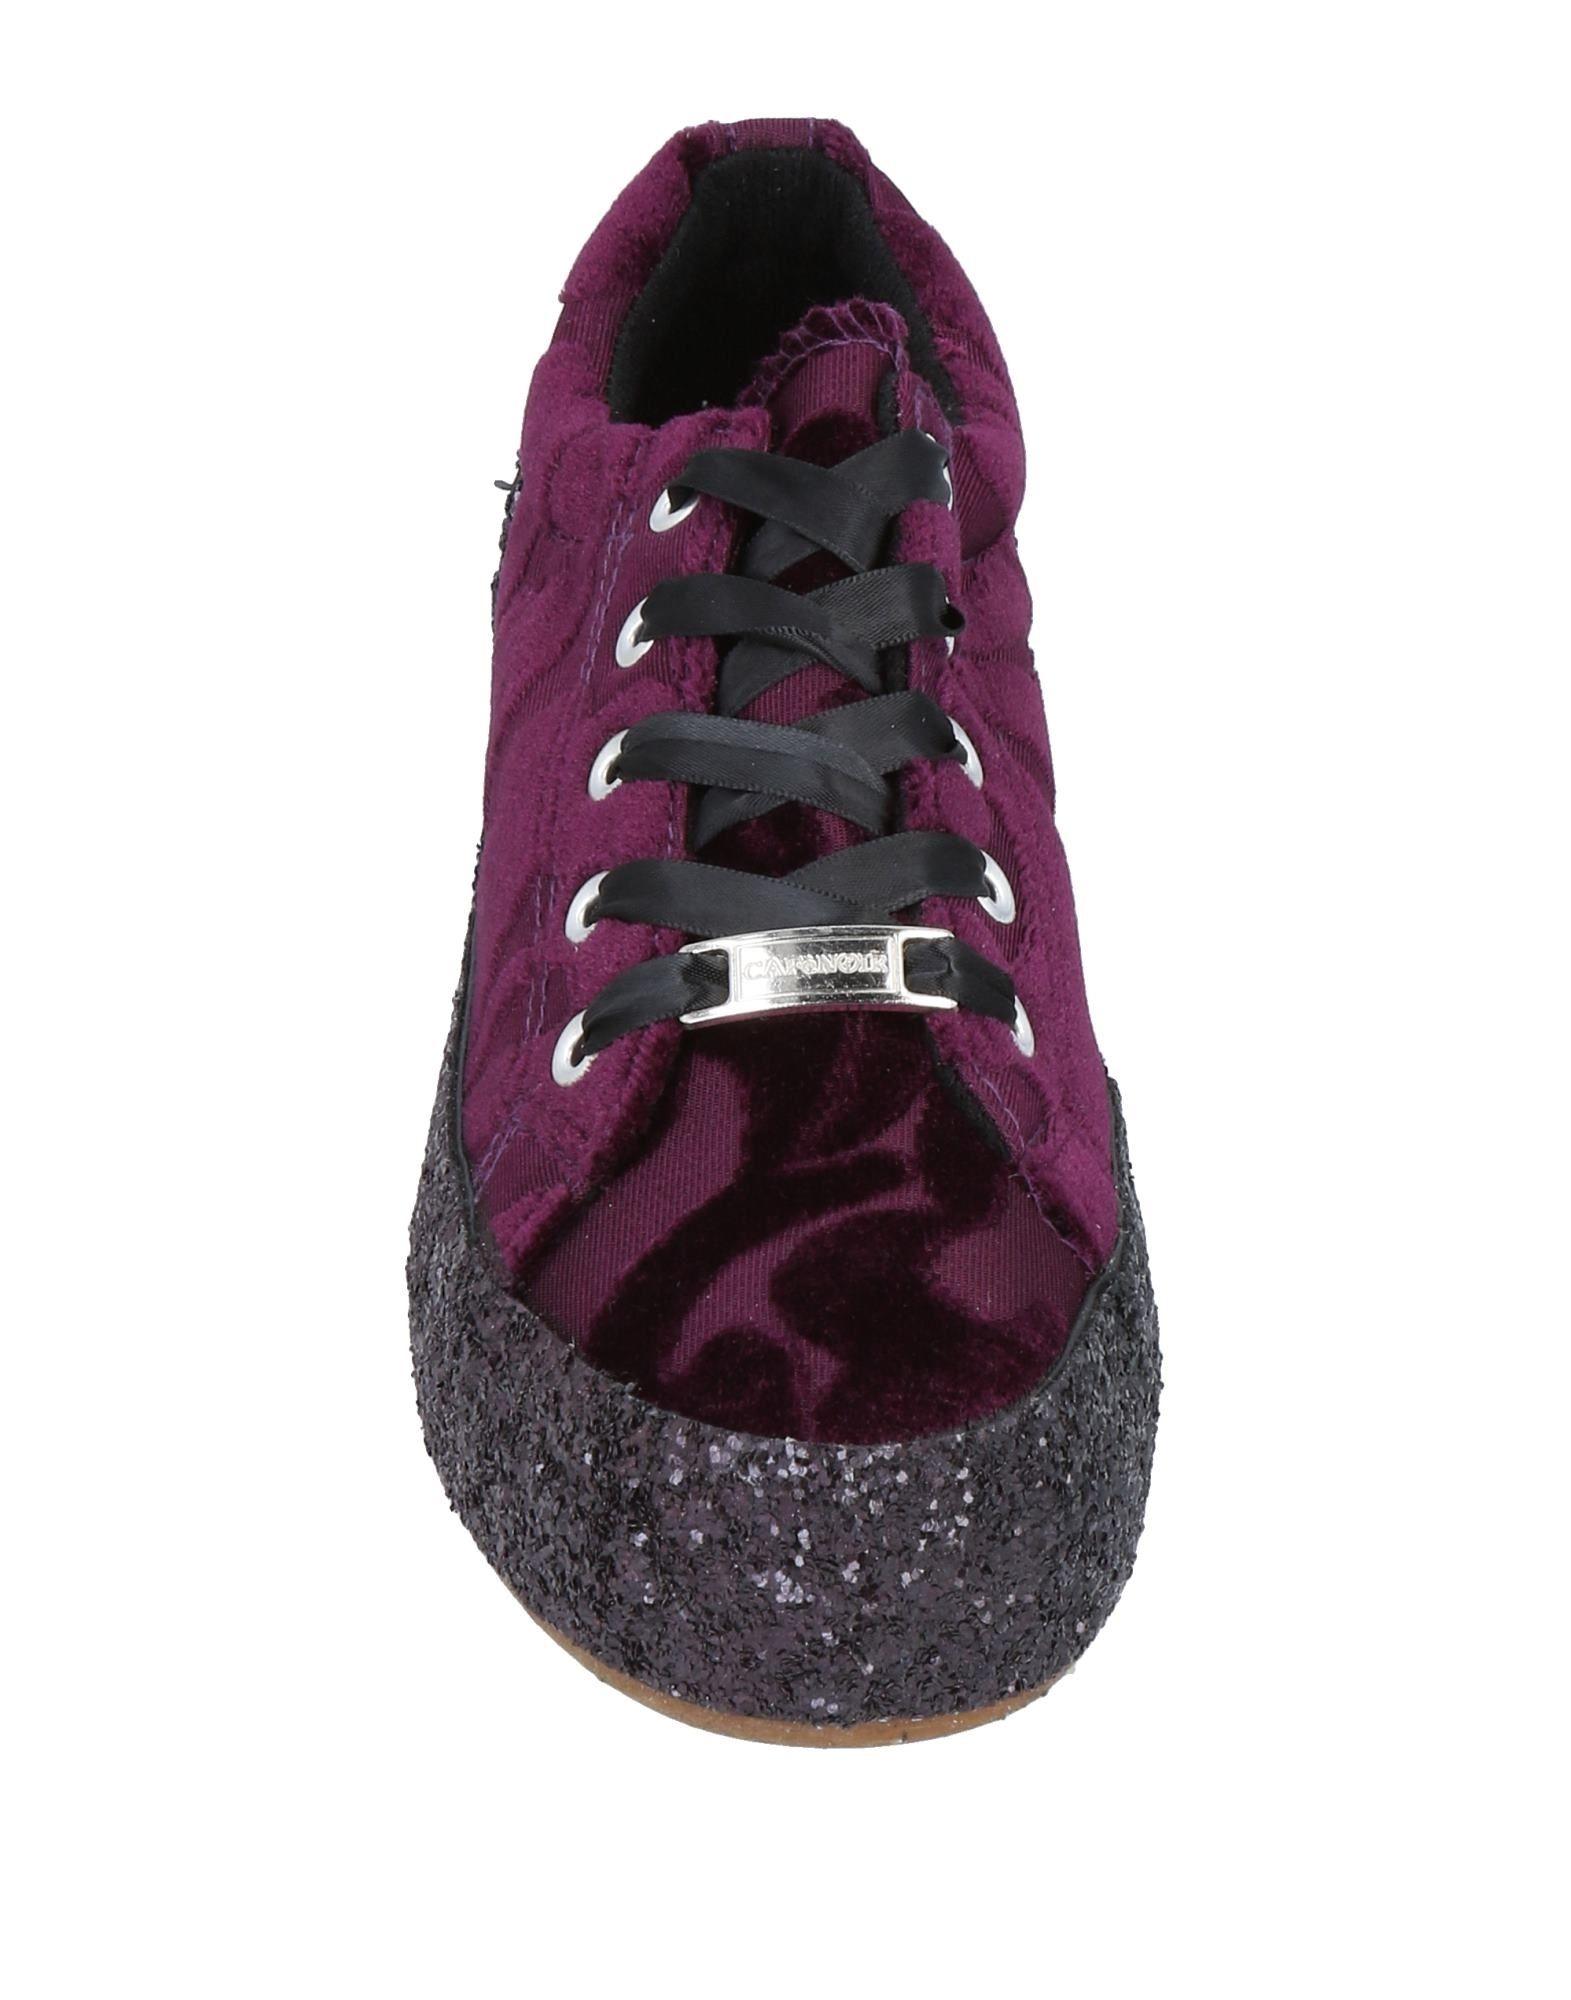 Moda Sneakers Sneakers Moda Cafènoir Donna - 11478210DR f33381